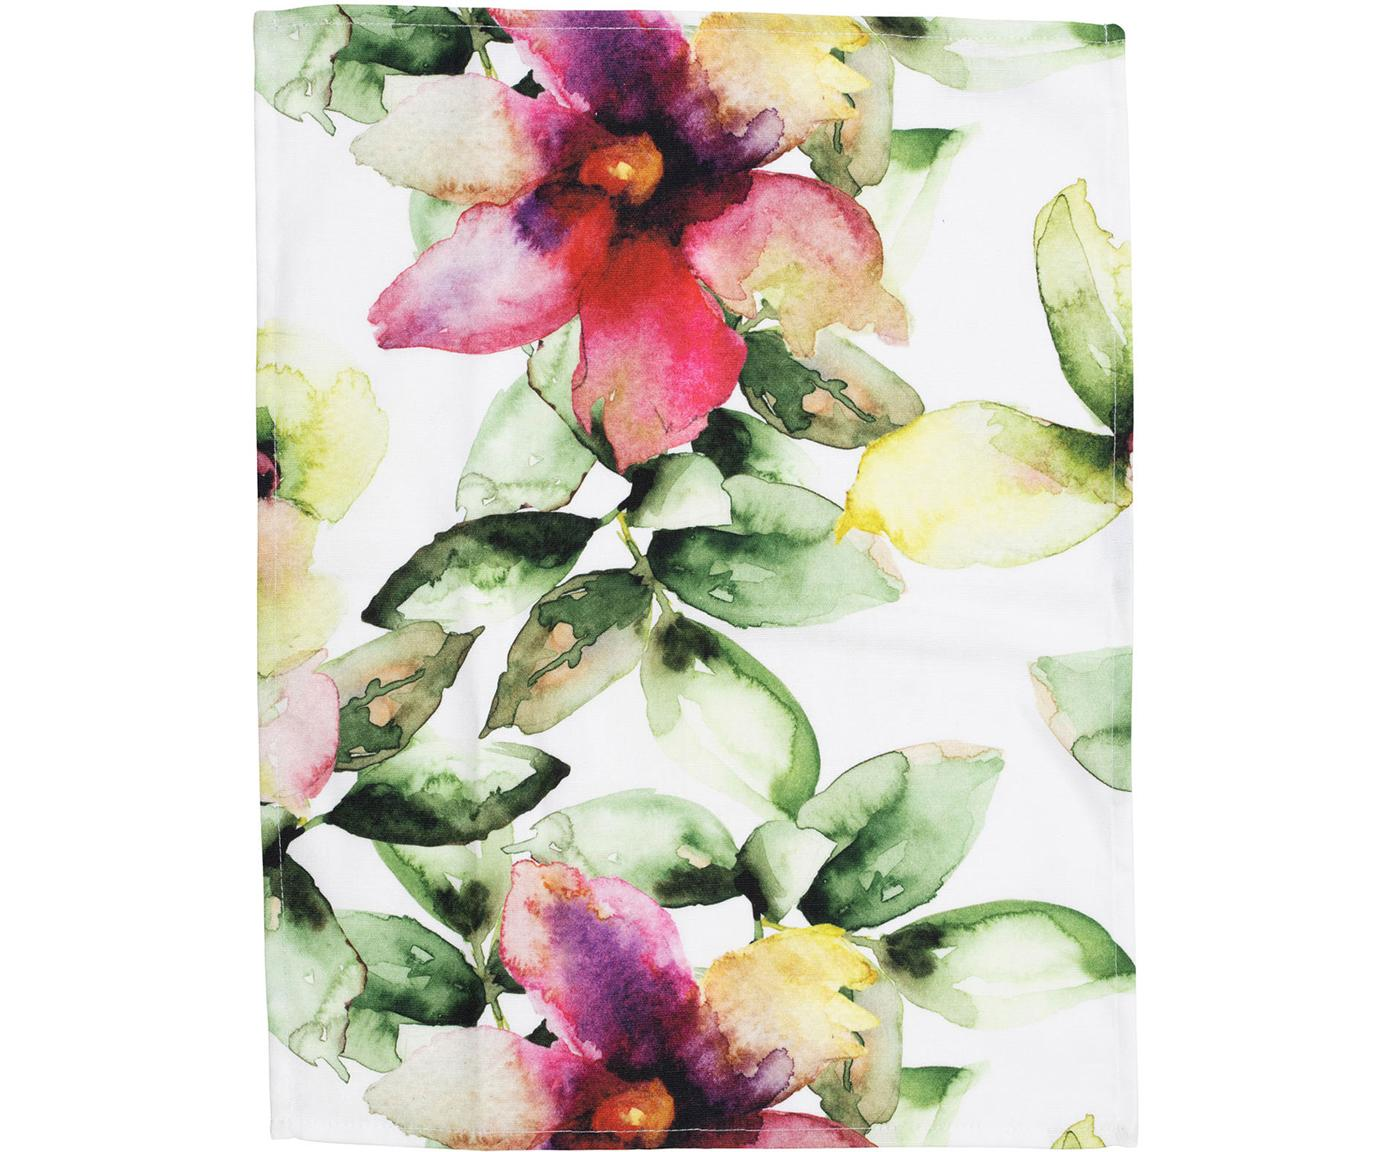 Geschirrtücher Floreale mit Aquarell Blumenprint, 2 Stück, Baumwolle, Rosa, Grün, 50 x 70 cm